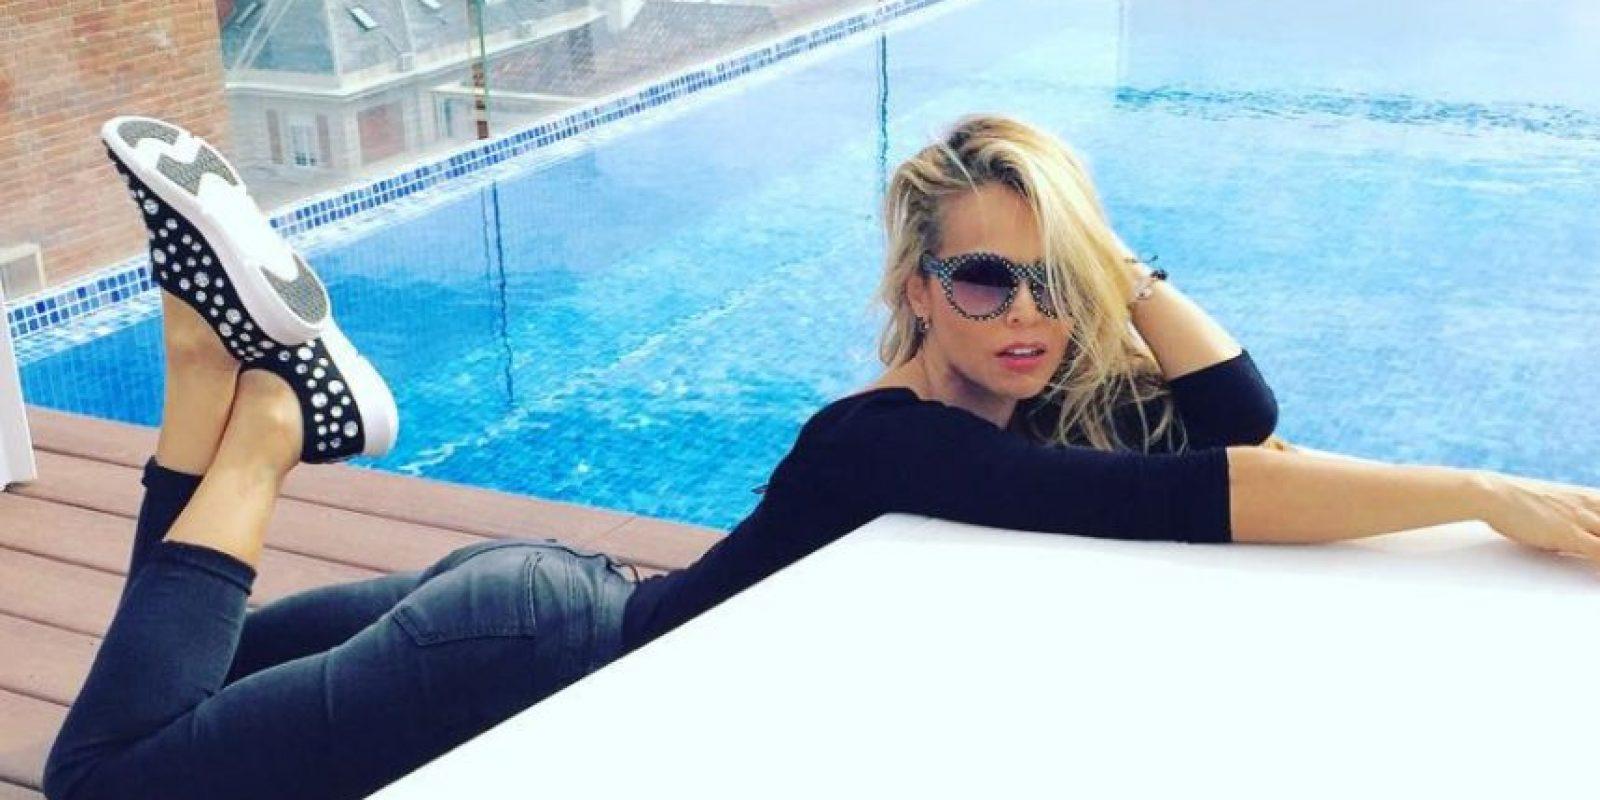 Foto:Vía instagram.com/yolandacardona1